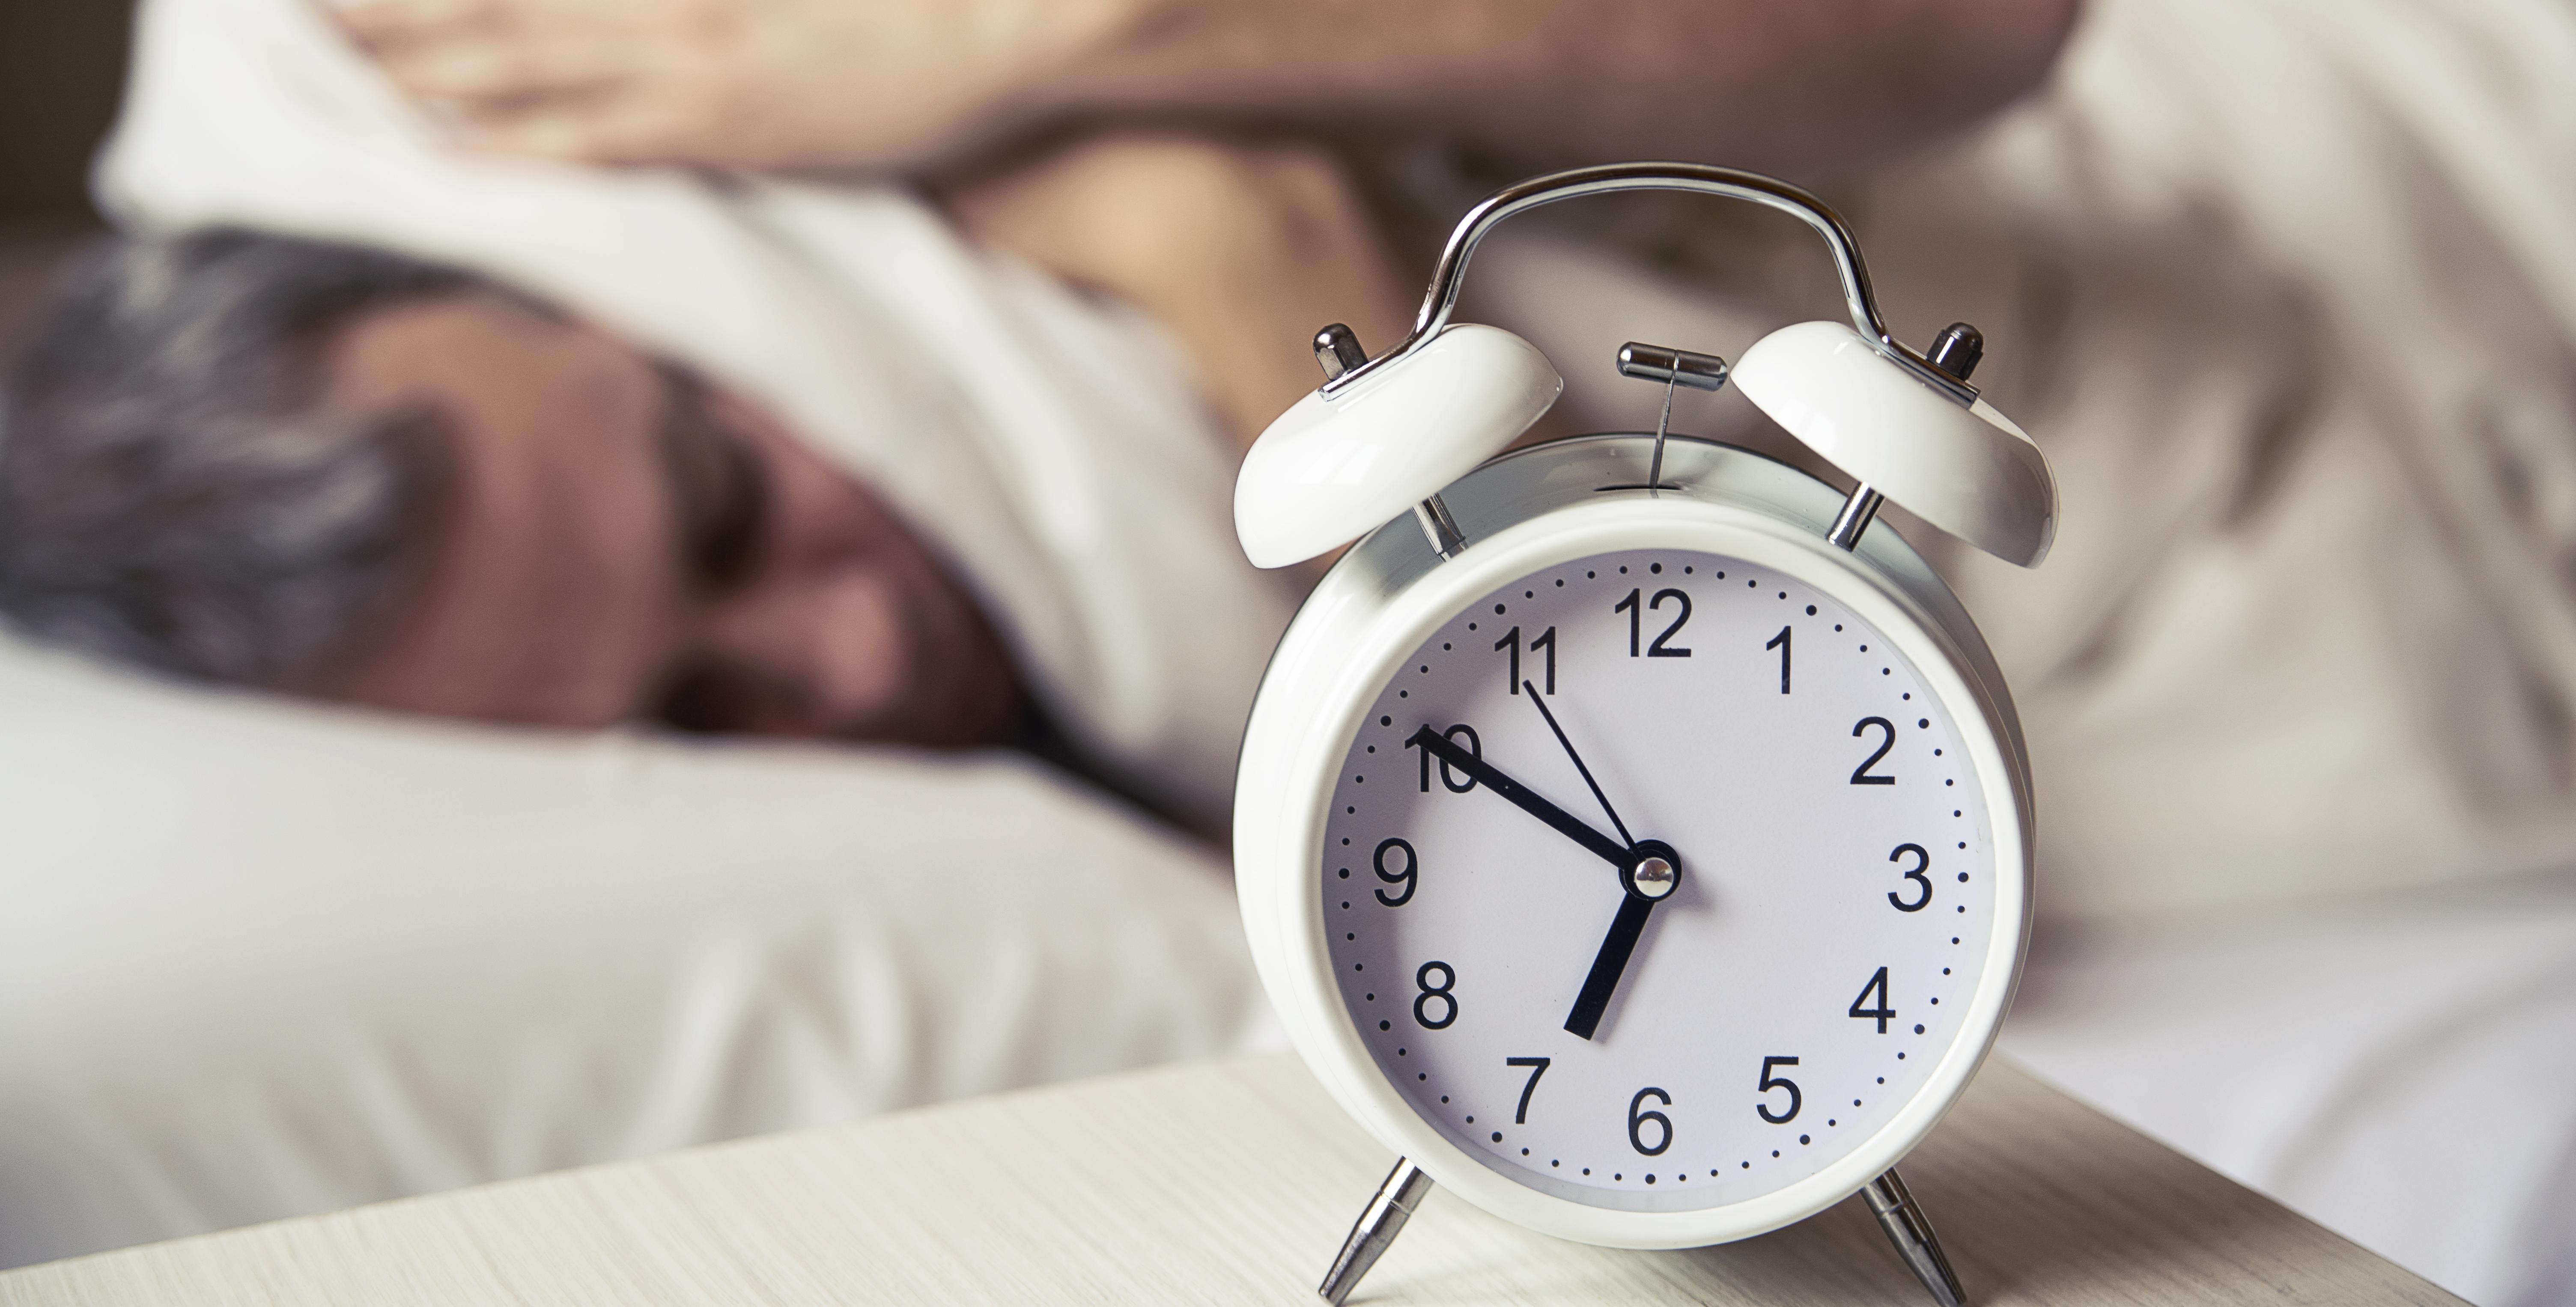 Doç. Dr. Enes Murat Atasoyu: Monotonluk sabah kalkmayı zorlaştırıyor